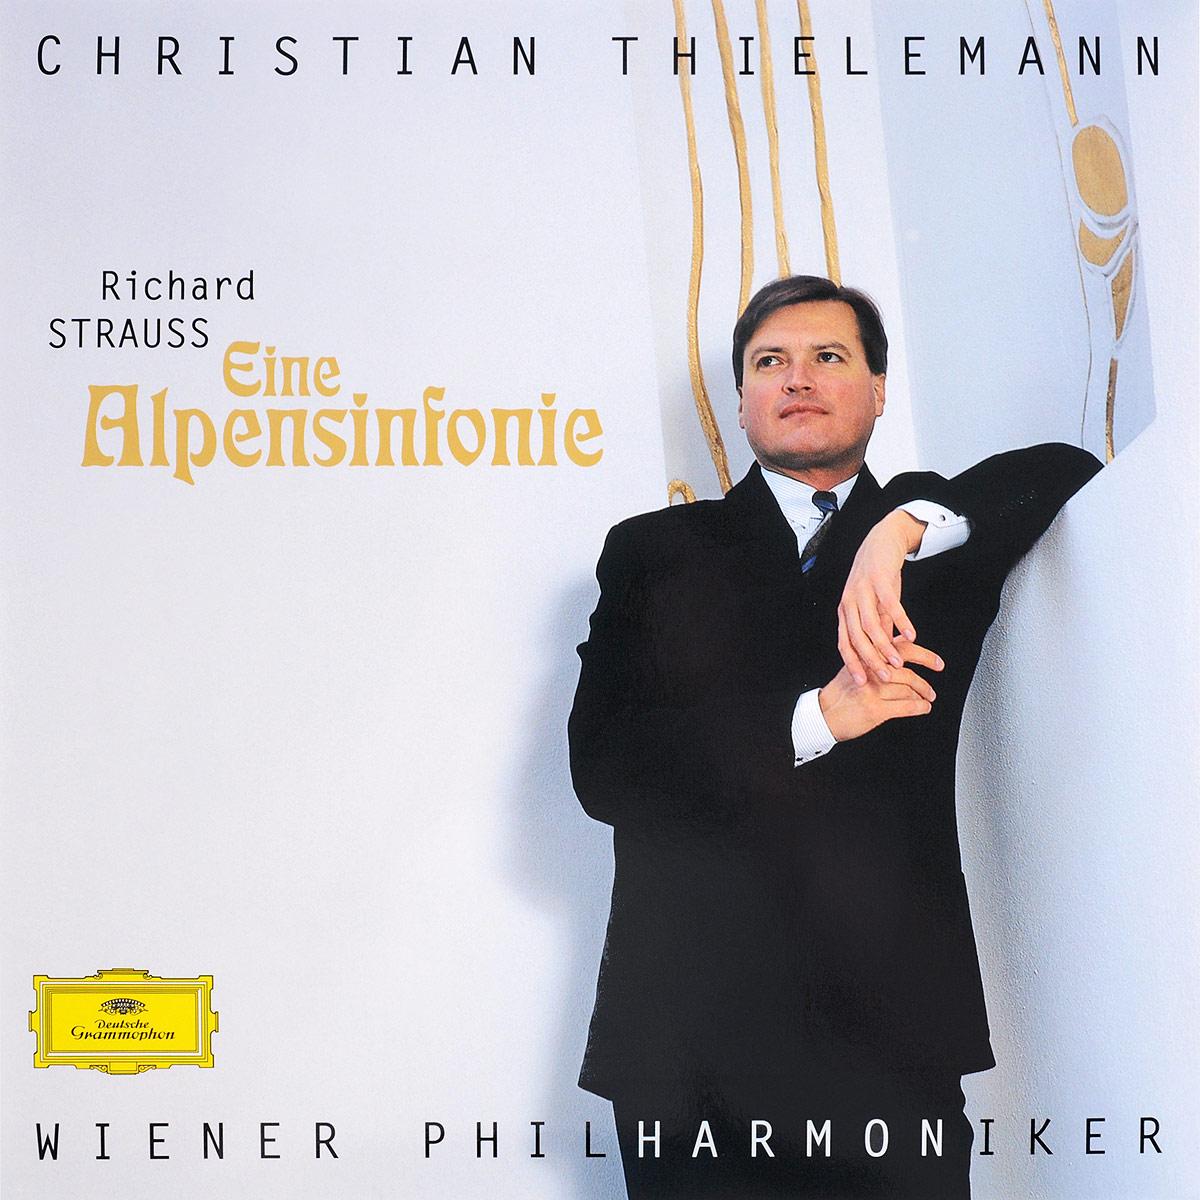 цена на Кристиан Тильманн,Wiener Philharmoniker Orchestra Christian Thielemann. Richard Strauss. Eine Alpensinfonie (LP)